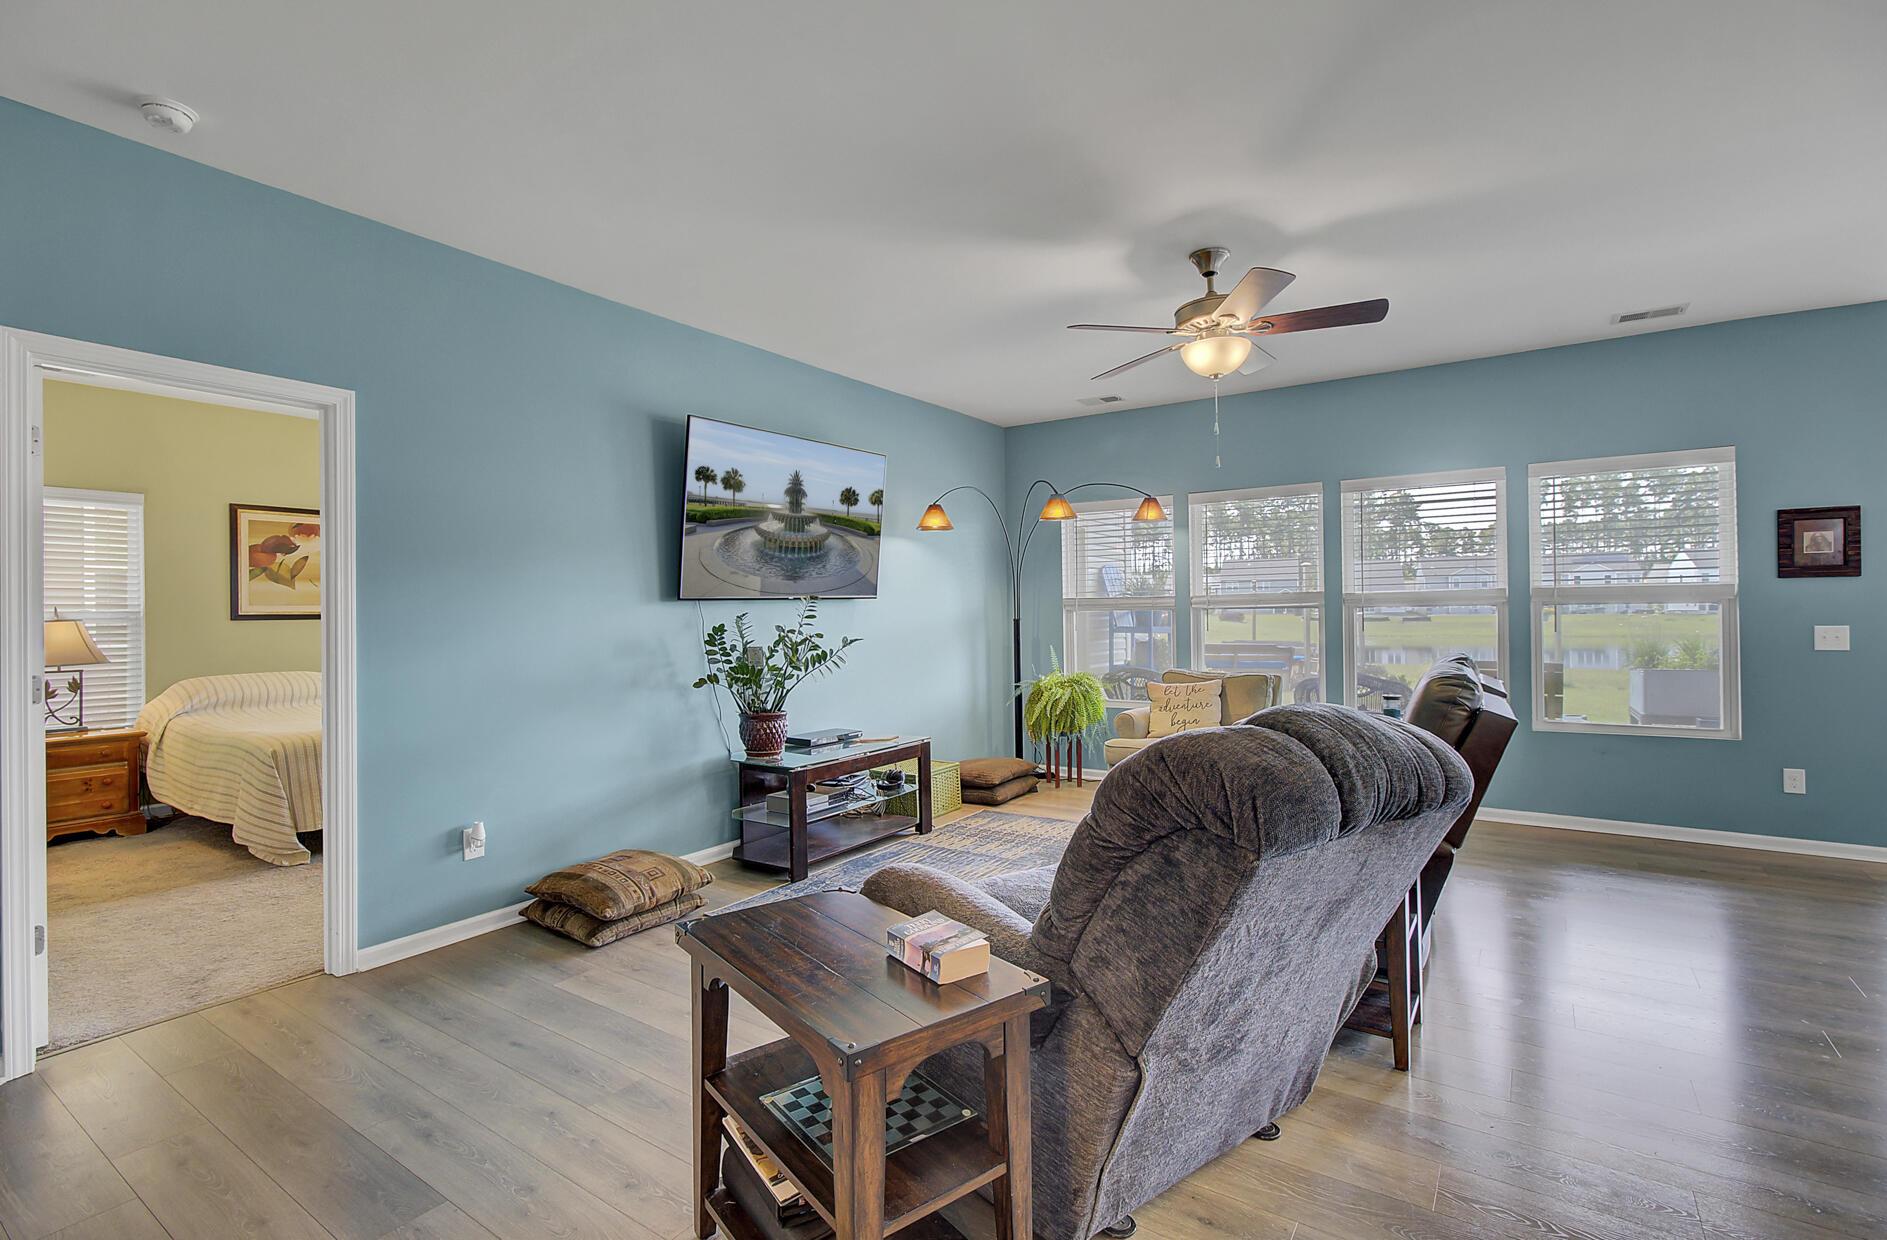 North Creek Village Homes For Sale - 384 Dunlin, Summerville, SC - 50